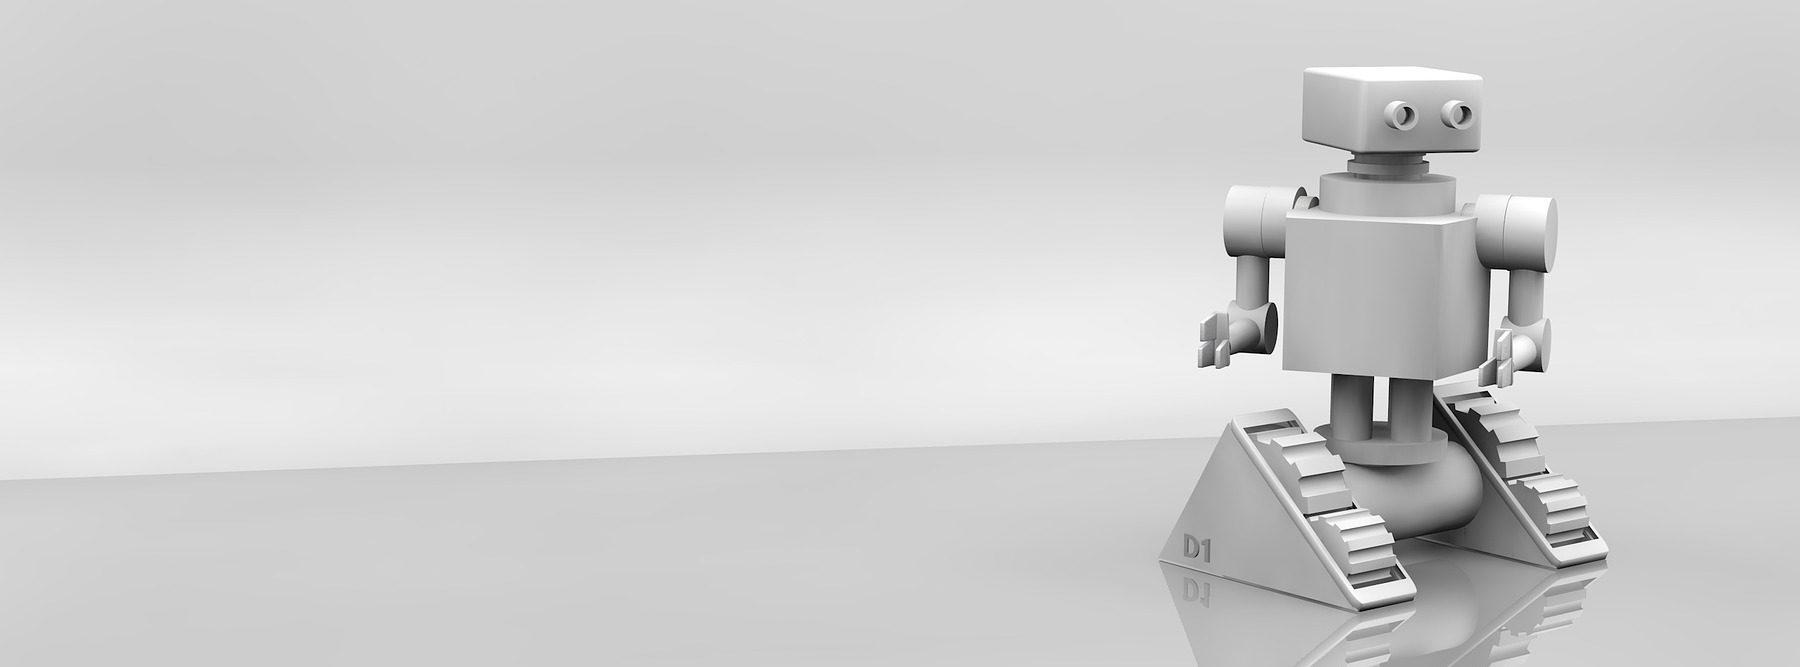 Irony Man: un robot con sentido del humor